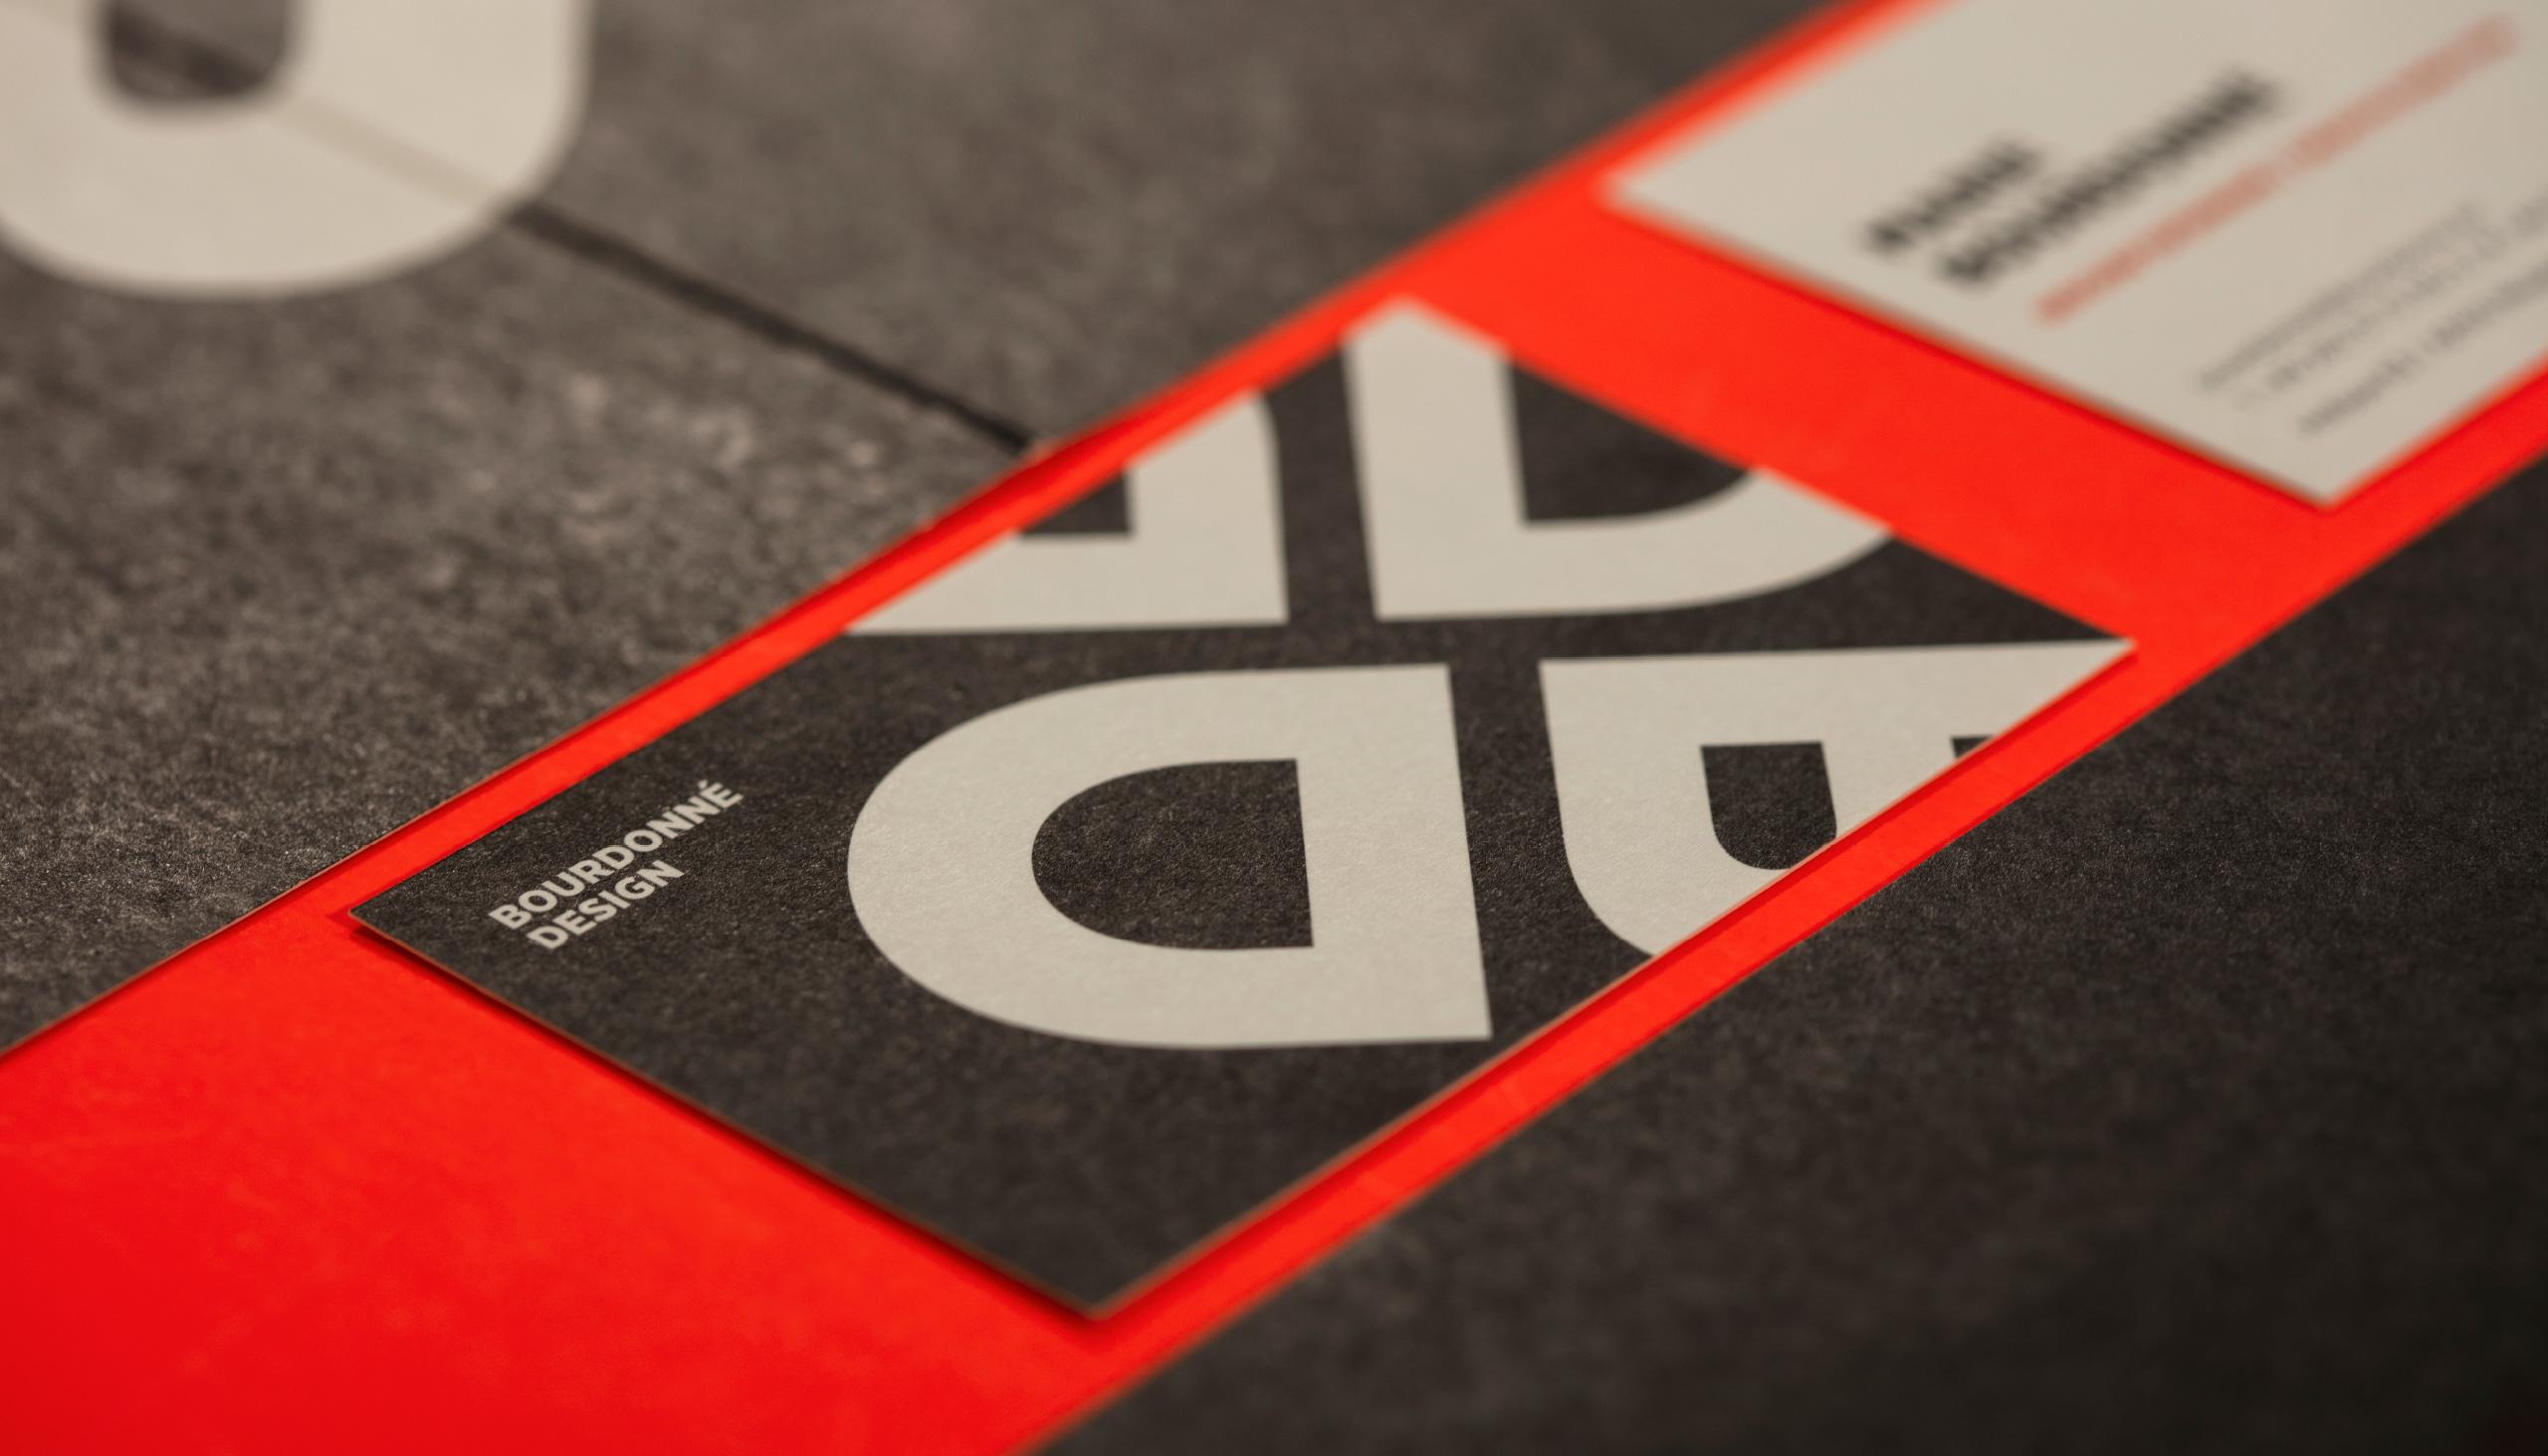 Bourdonné Design Corporate Design Geschäftsausstattung